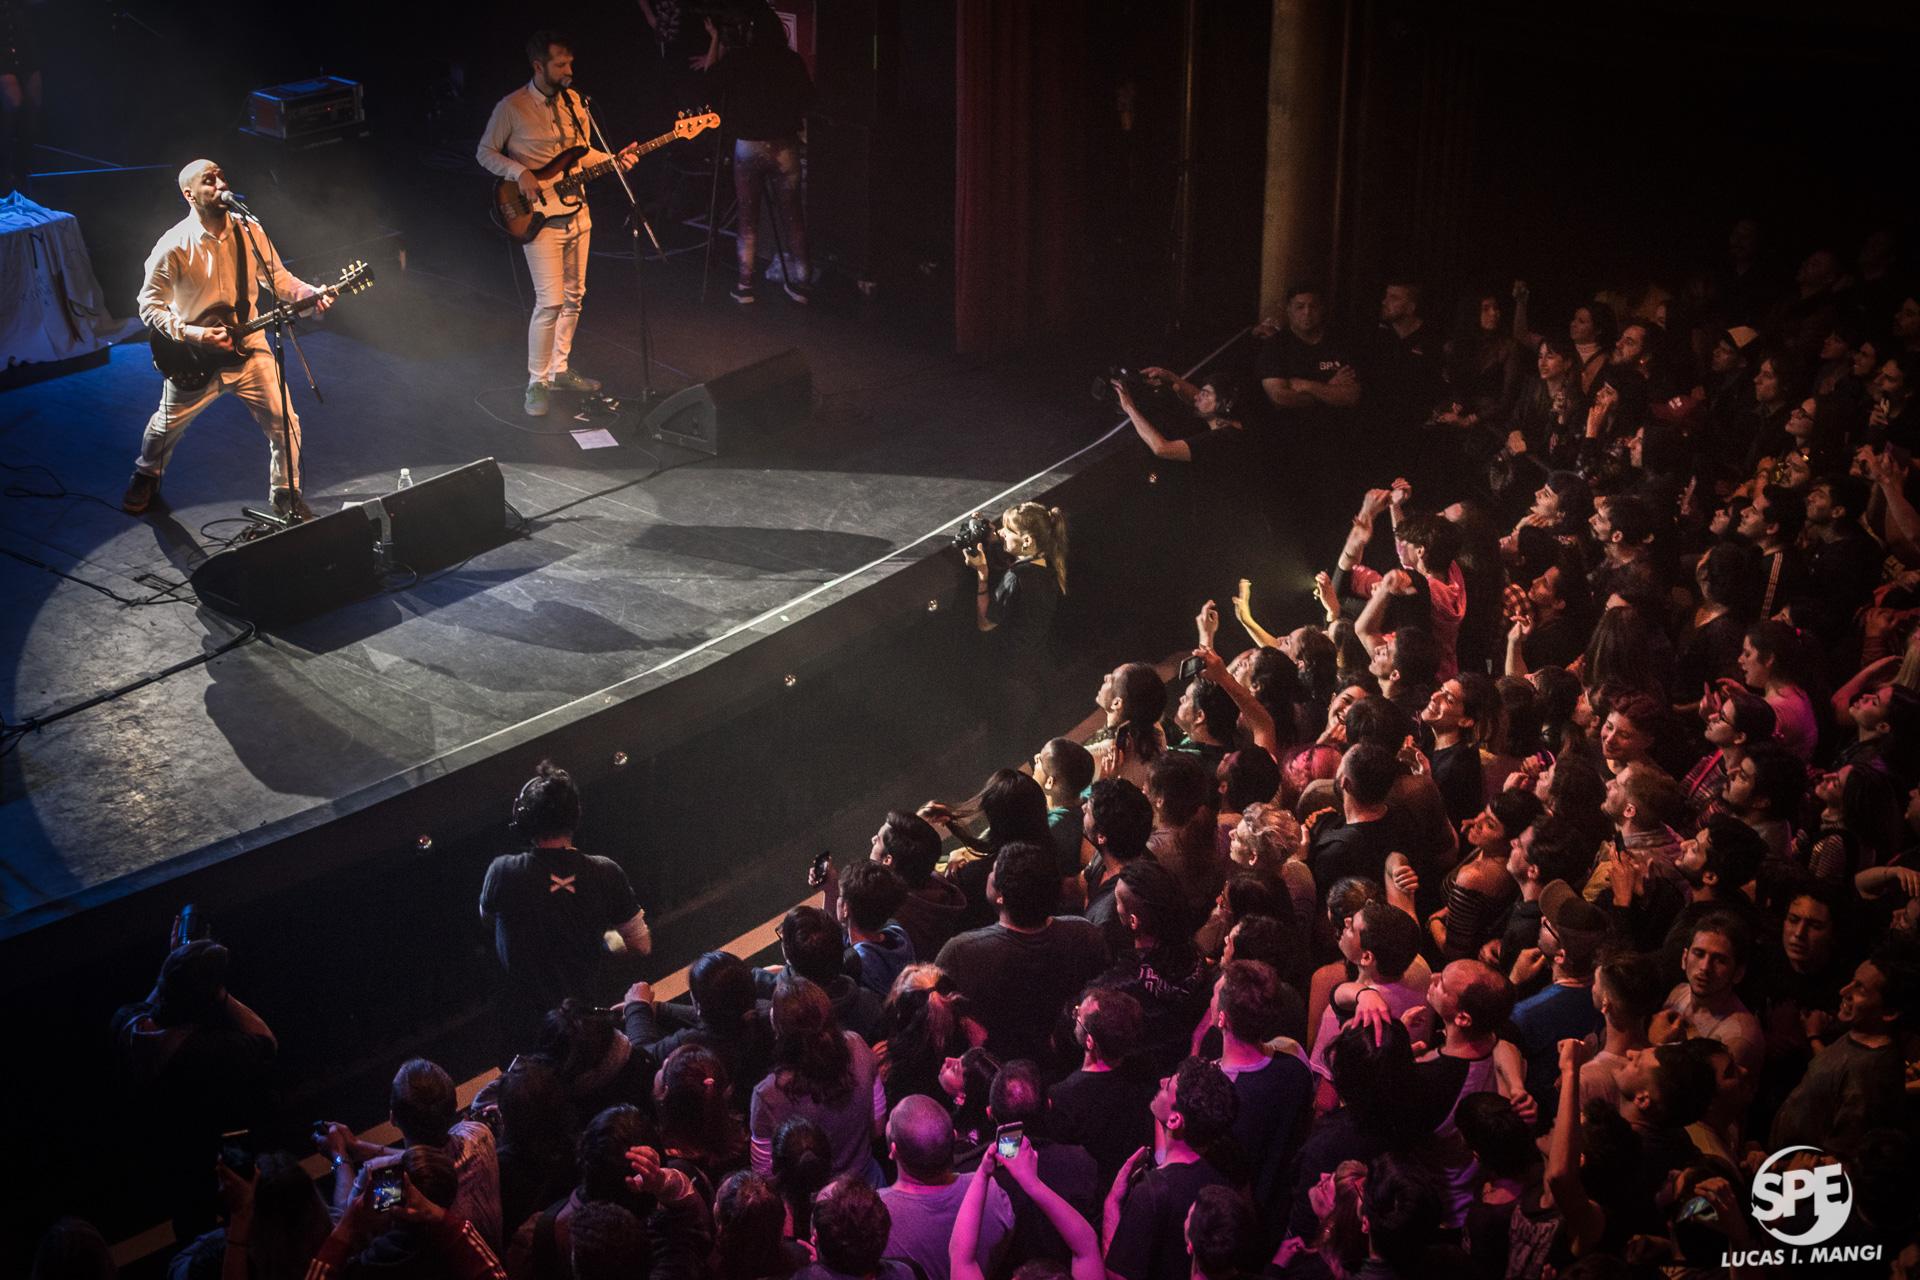 """Integrantes de la banda """"Arbol"""" durante su show en el Teatro Vorterix ubicado en Colegiales, Buenos Aires, el dia viernes 6 de Agosto de 2019. Arbol, agrupación oriunda del oeste del conurbano Buenaerense, retoma su actividad luego de años de silencio. 6 de Agosto de 2019. Foto de: Lucas Mangi"""